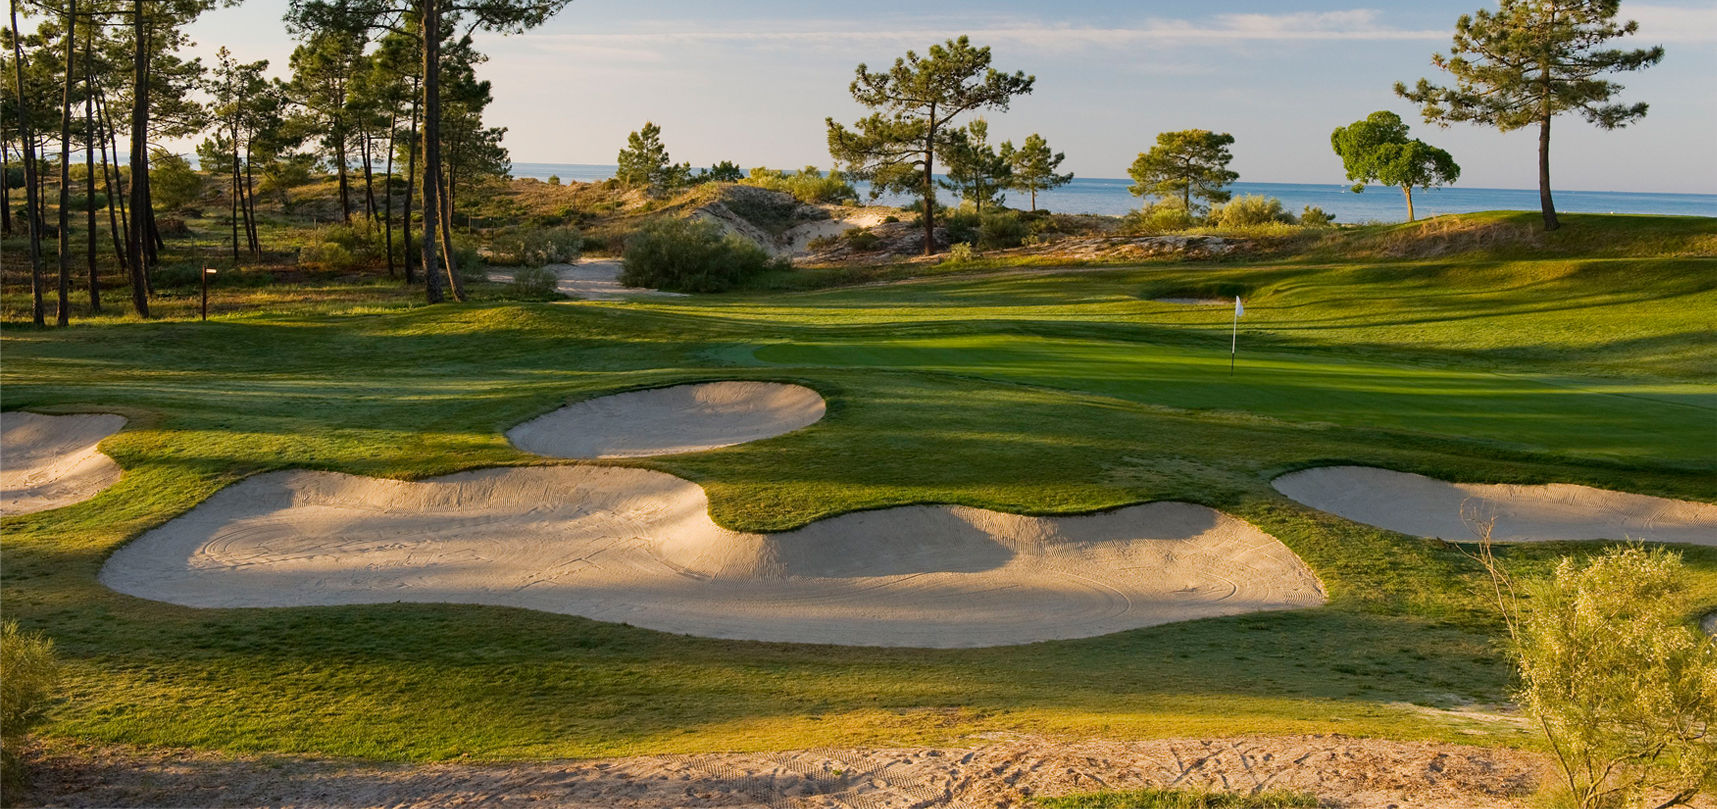 Troia golf cover picture